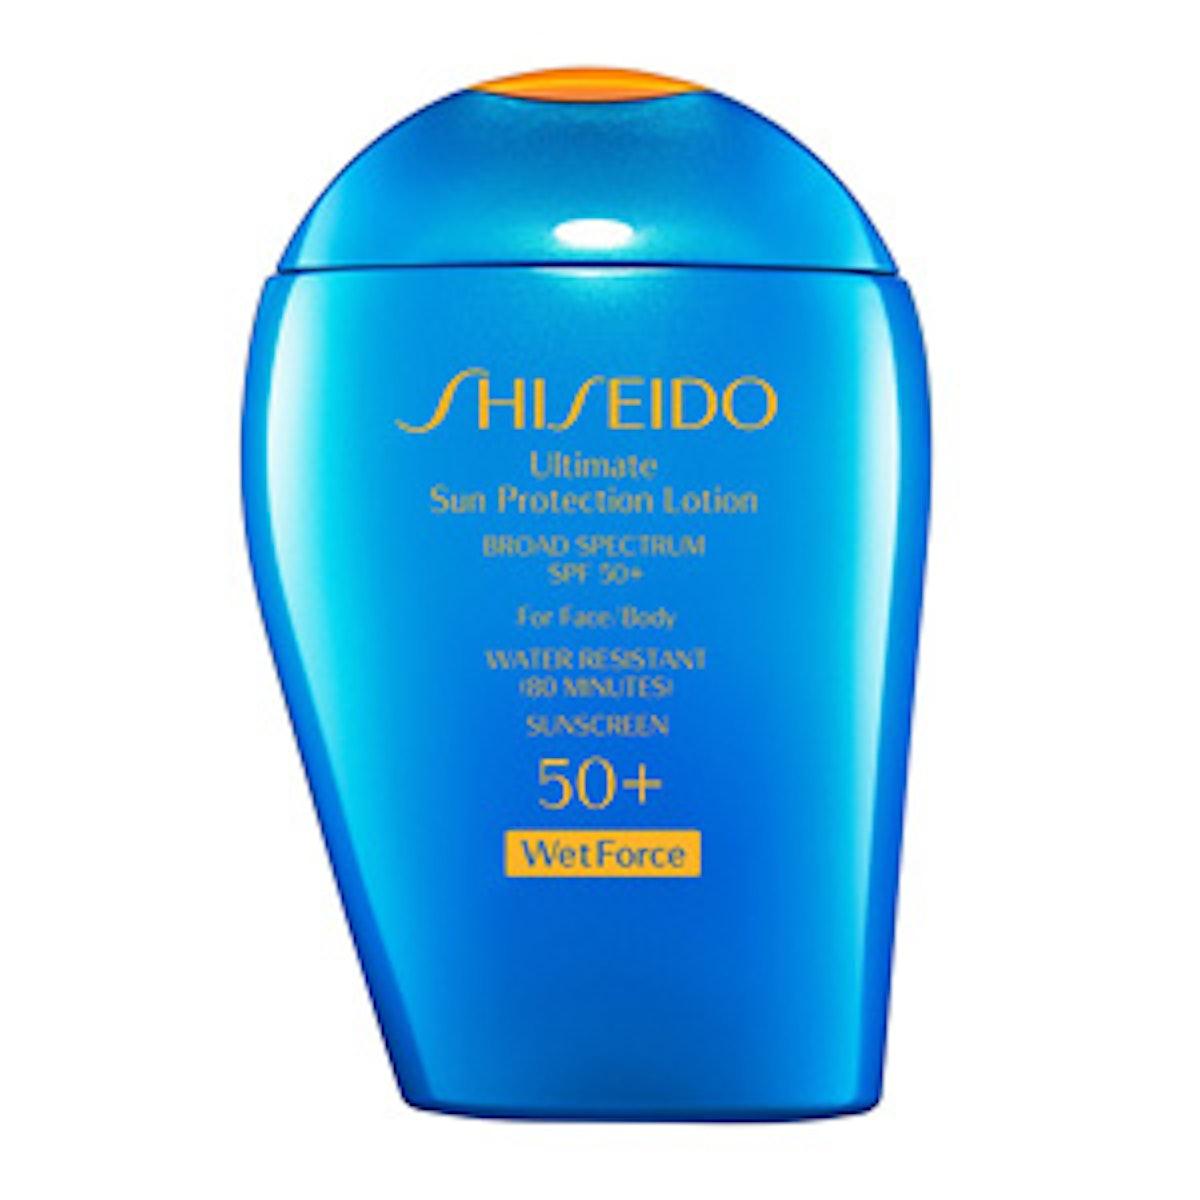 Shiseido Ultimate Sun Protection Lotion SPF 50